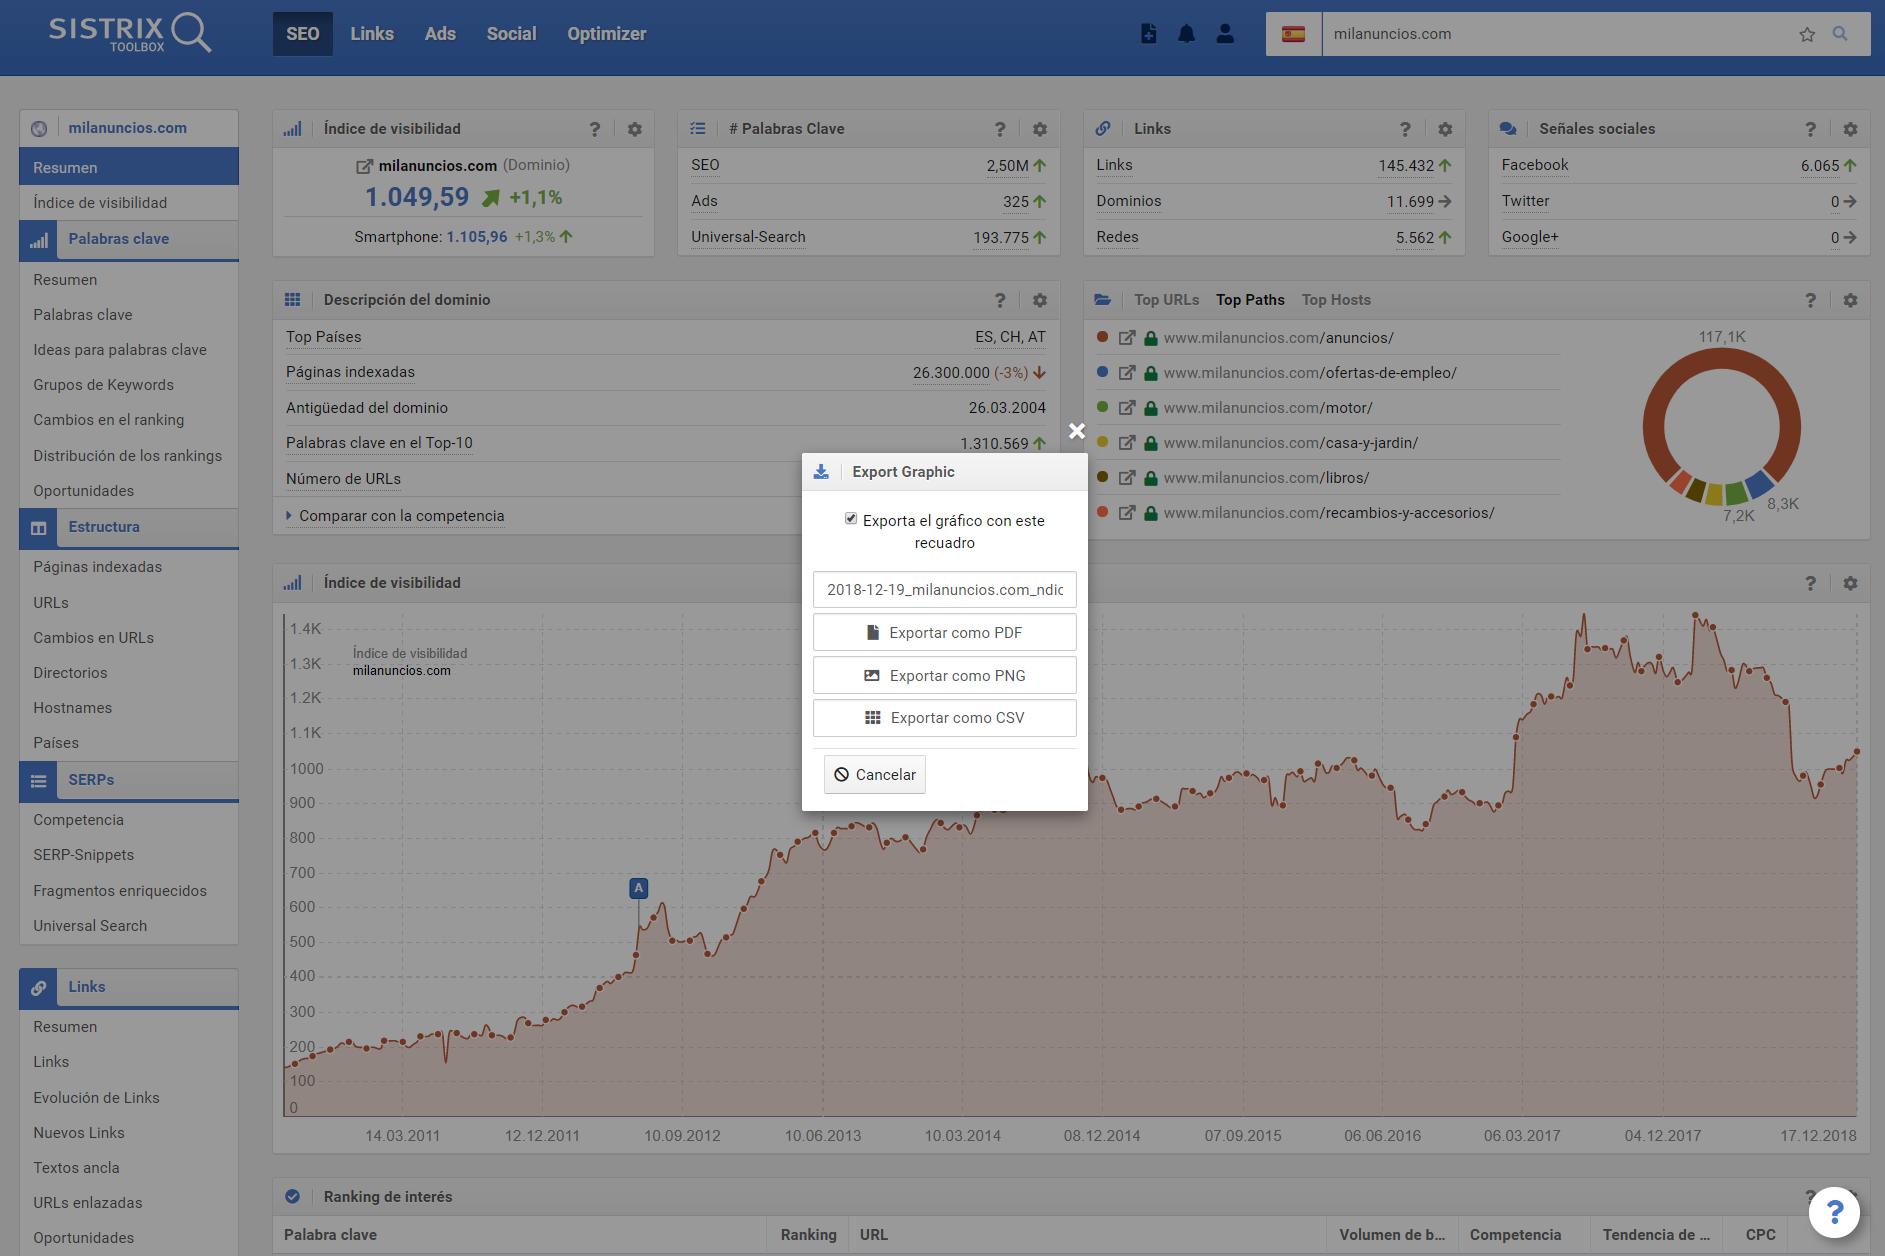 Menú de exportación de datos dentro de la herramienta SEO SISTRIX